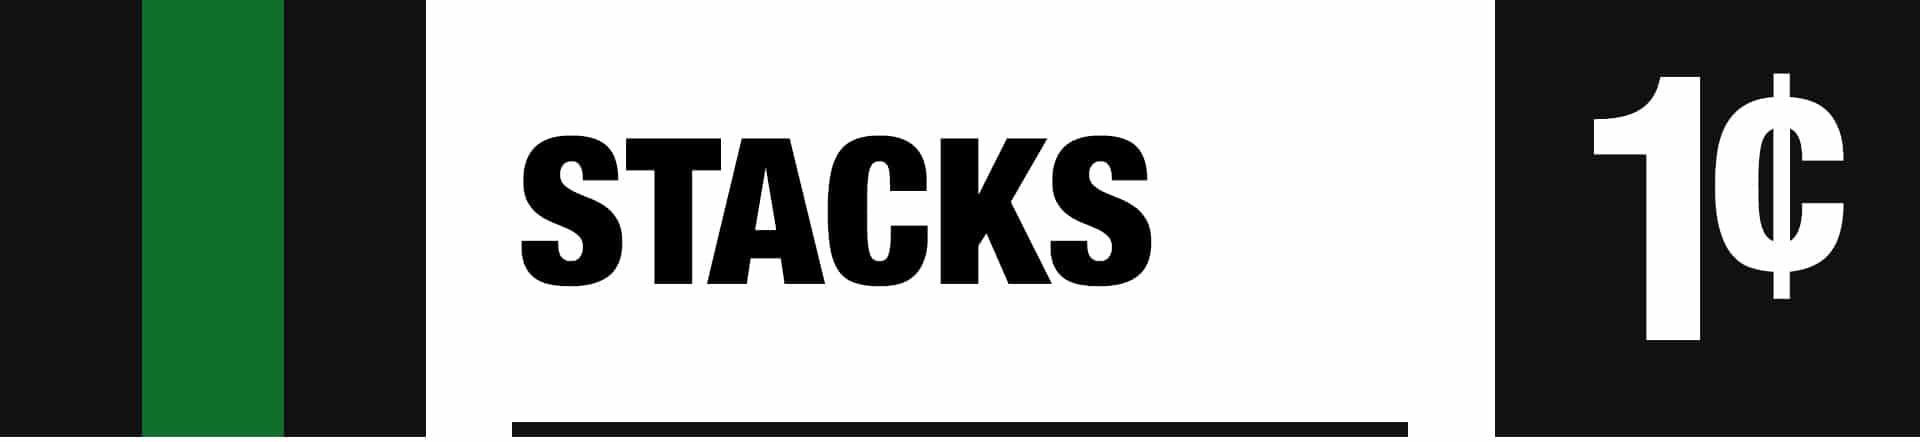 Stacks - Penny Jackpot